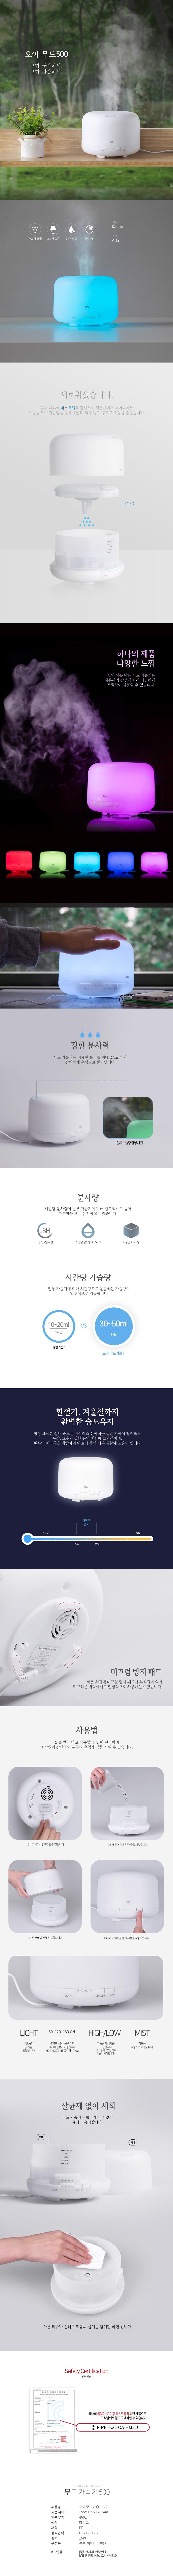 오아(OA) 무드 미니 가습기 500ml